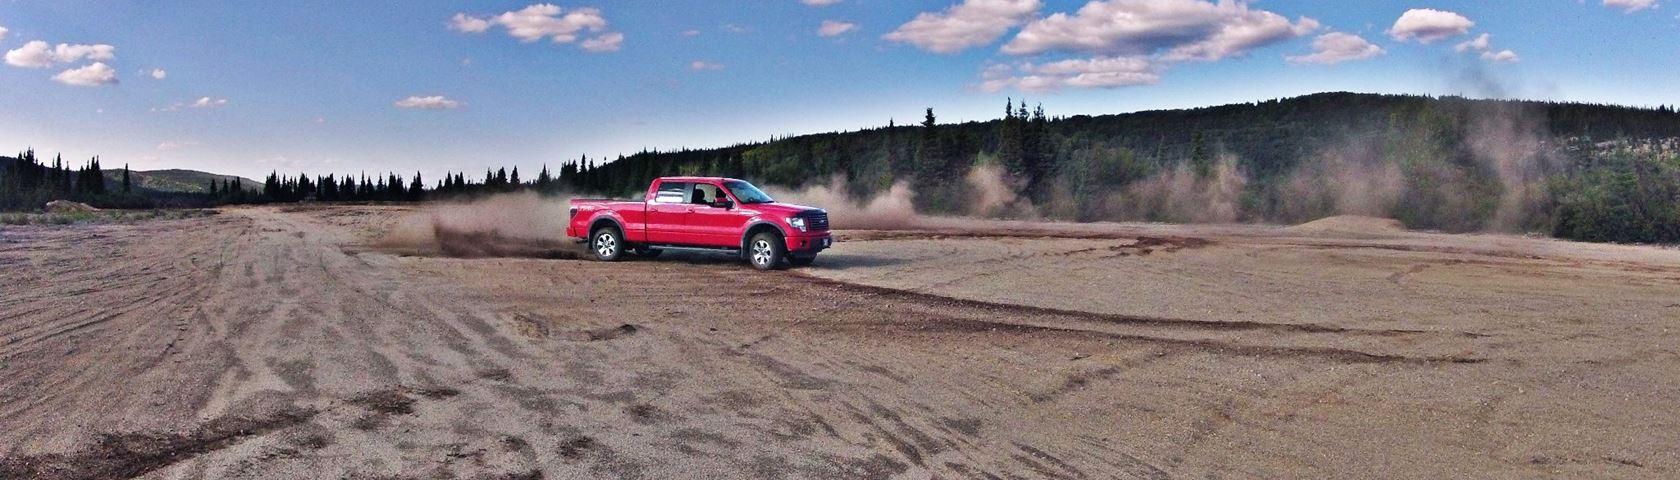 Drifting Truck